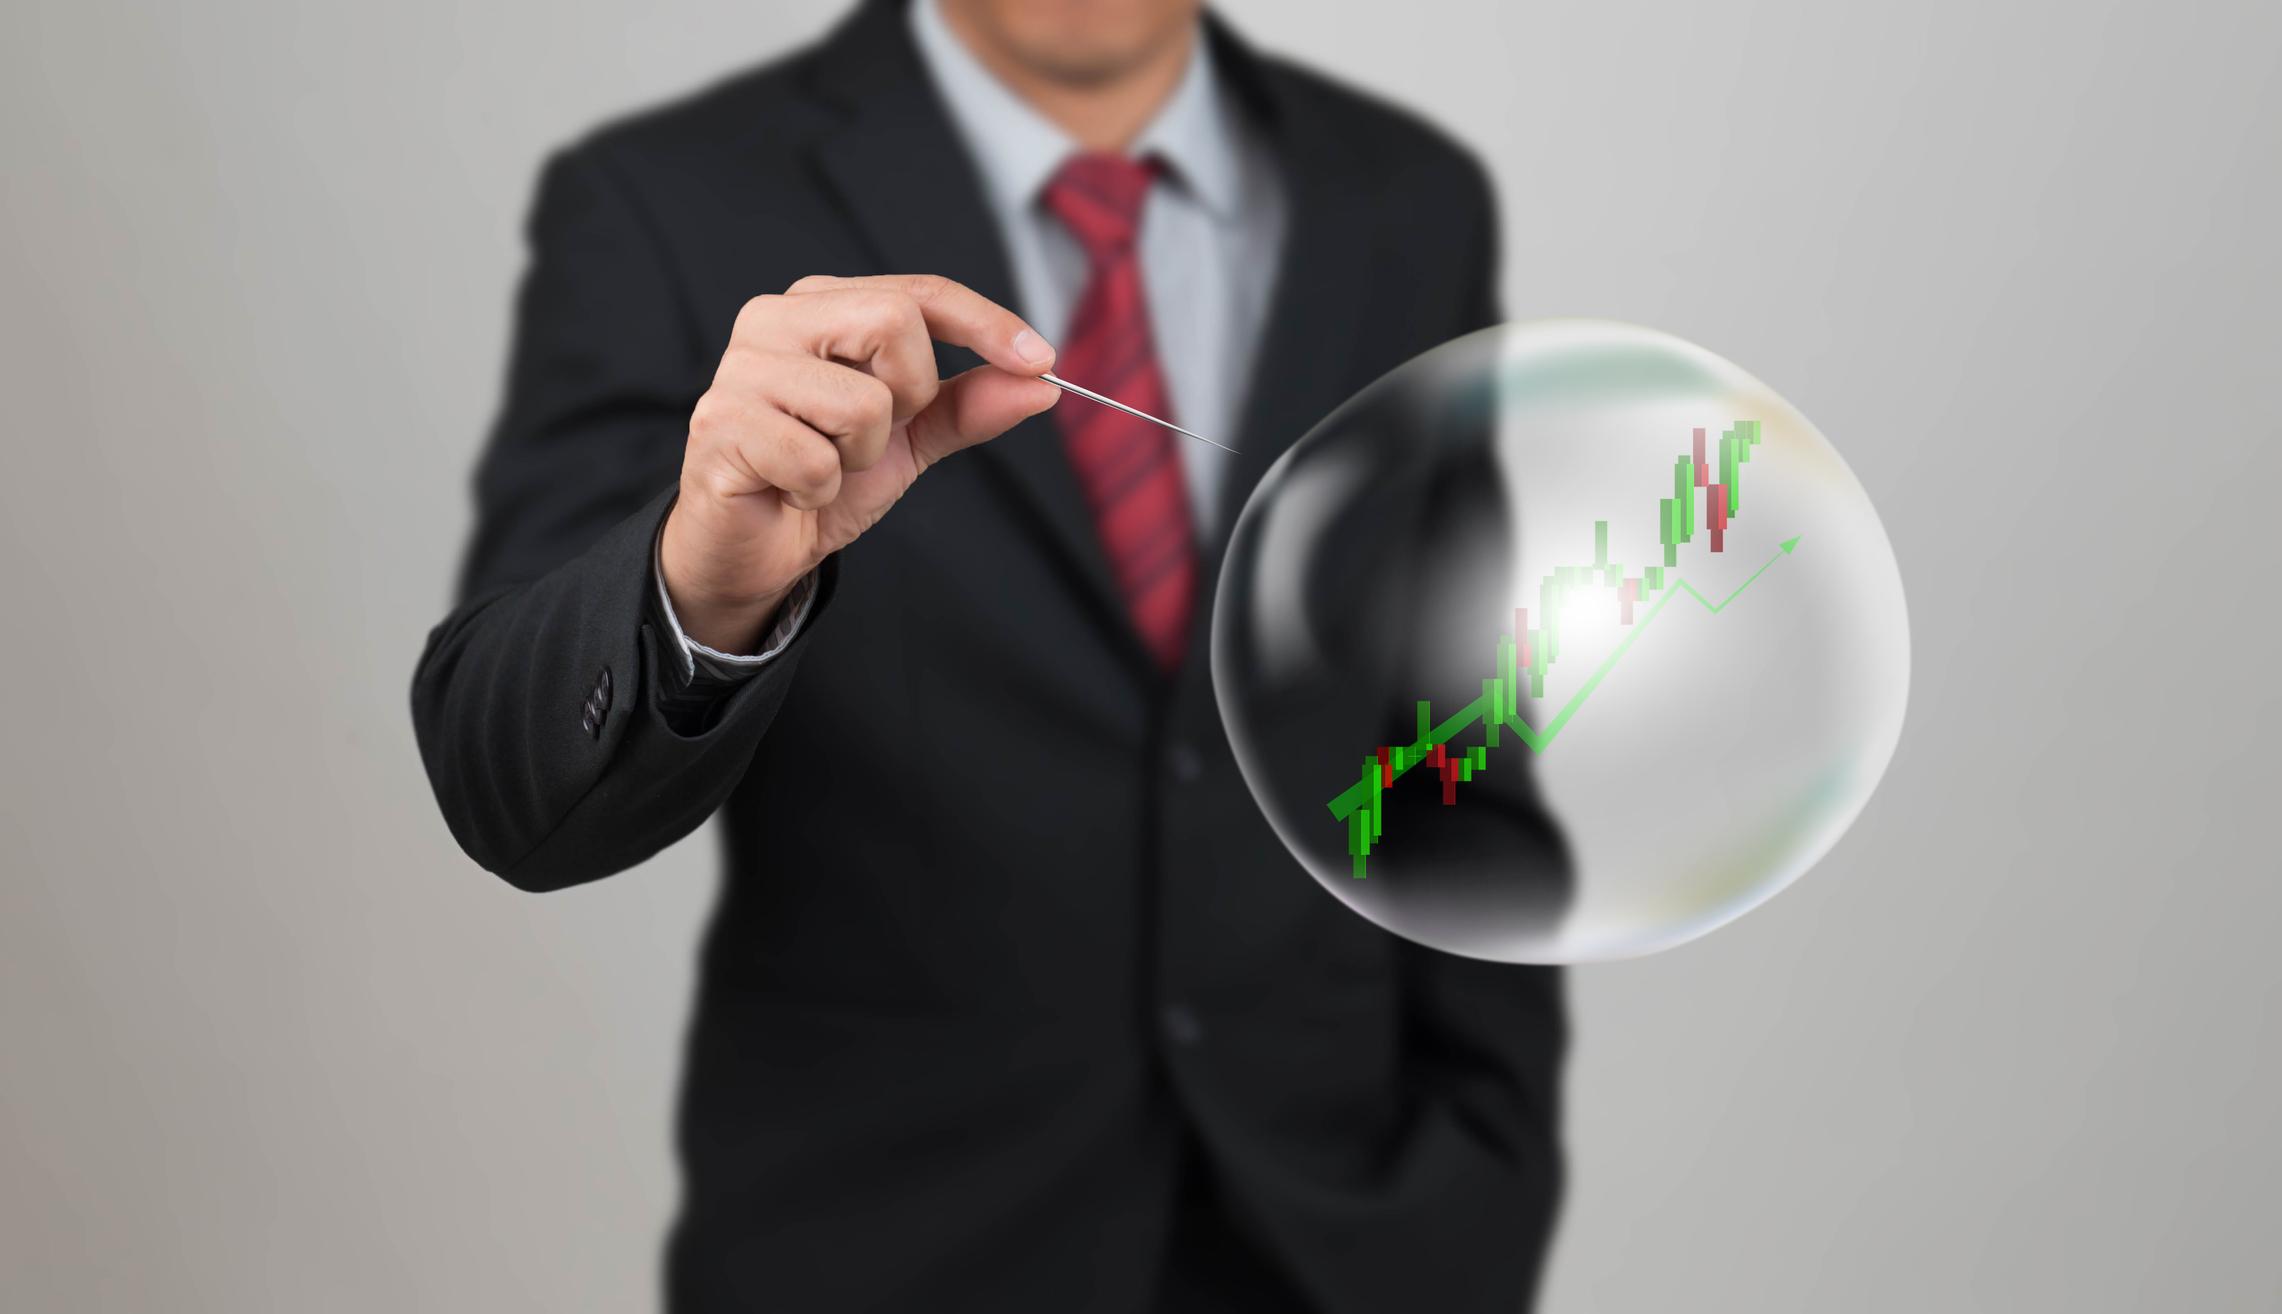 Bitcoin burbulas gali būti bankų milijardo dolerio problema